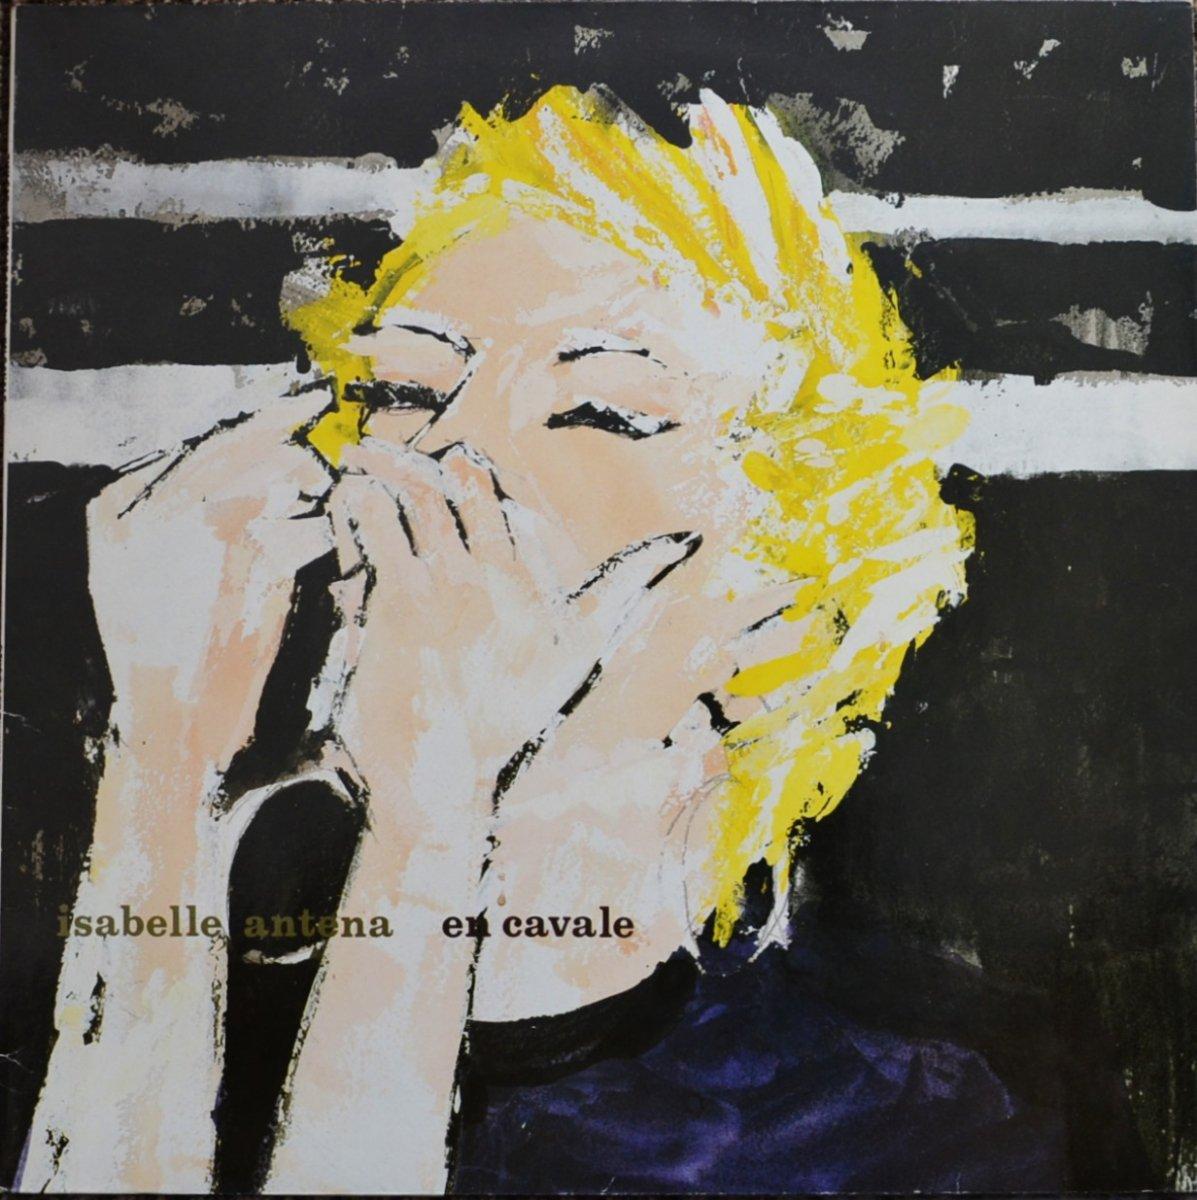 ISABELLE ANTENA / EN CAVALE (LP)